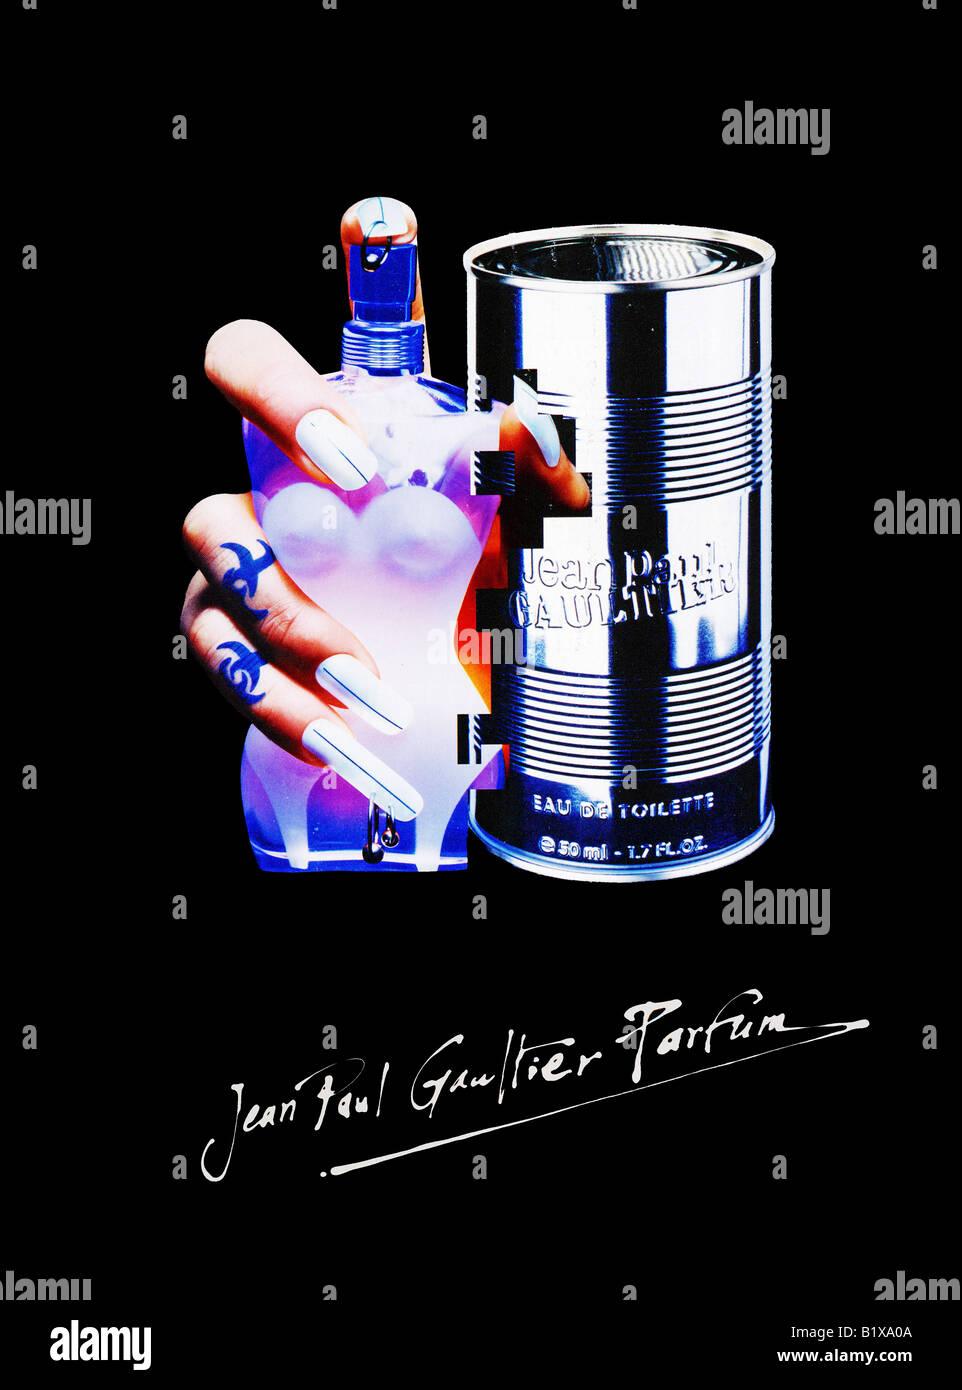 1990er Jahre Werbung für Jean Paul Gaultier Parfum für nur zur redaktionellen Verwendung Stockbild